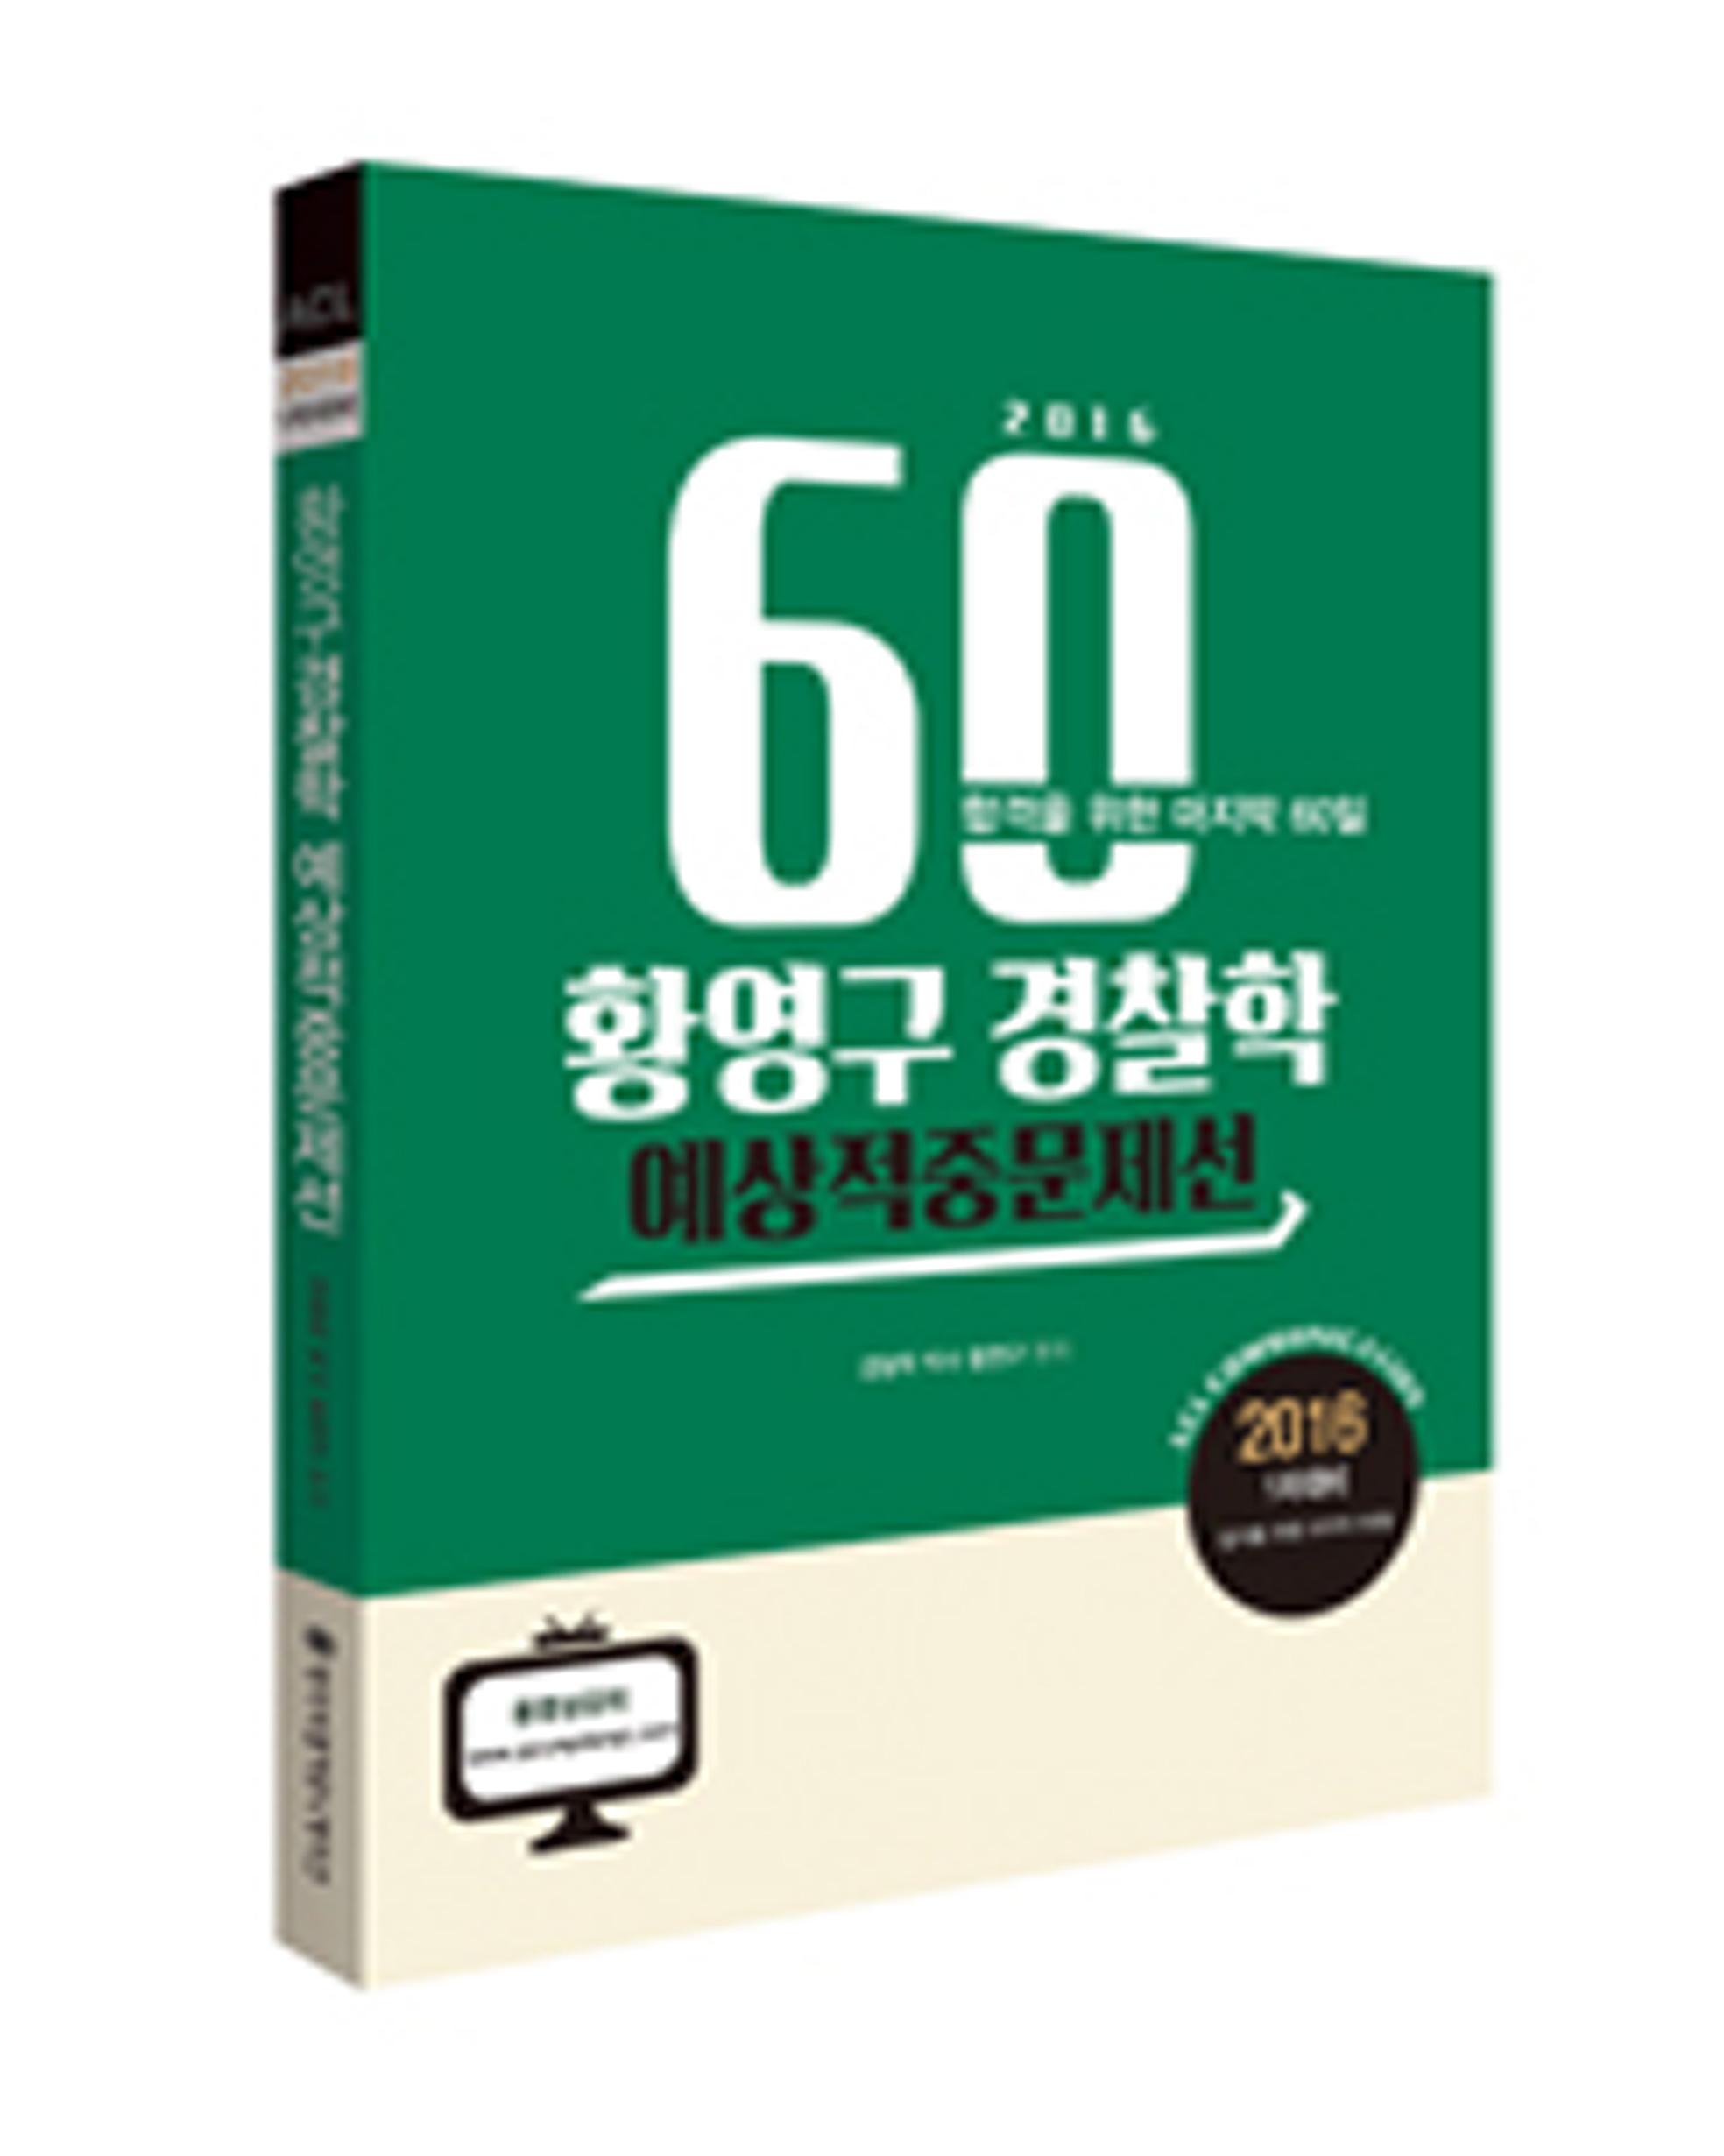 2016 1차 황영구 경찰학 예상적중문제선